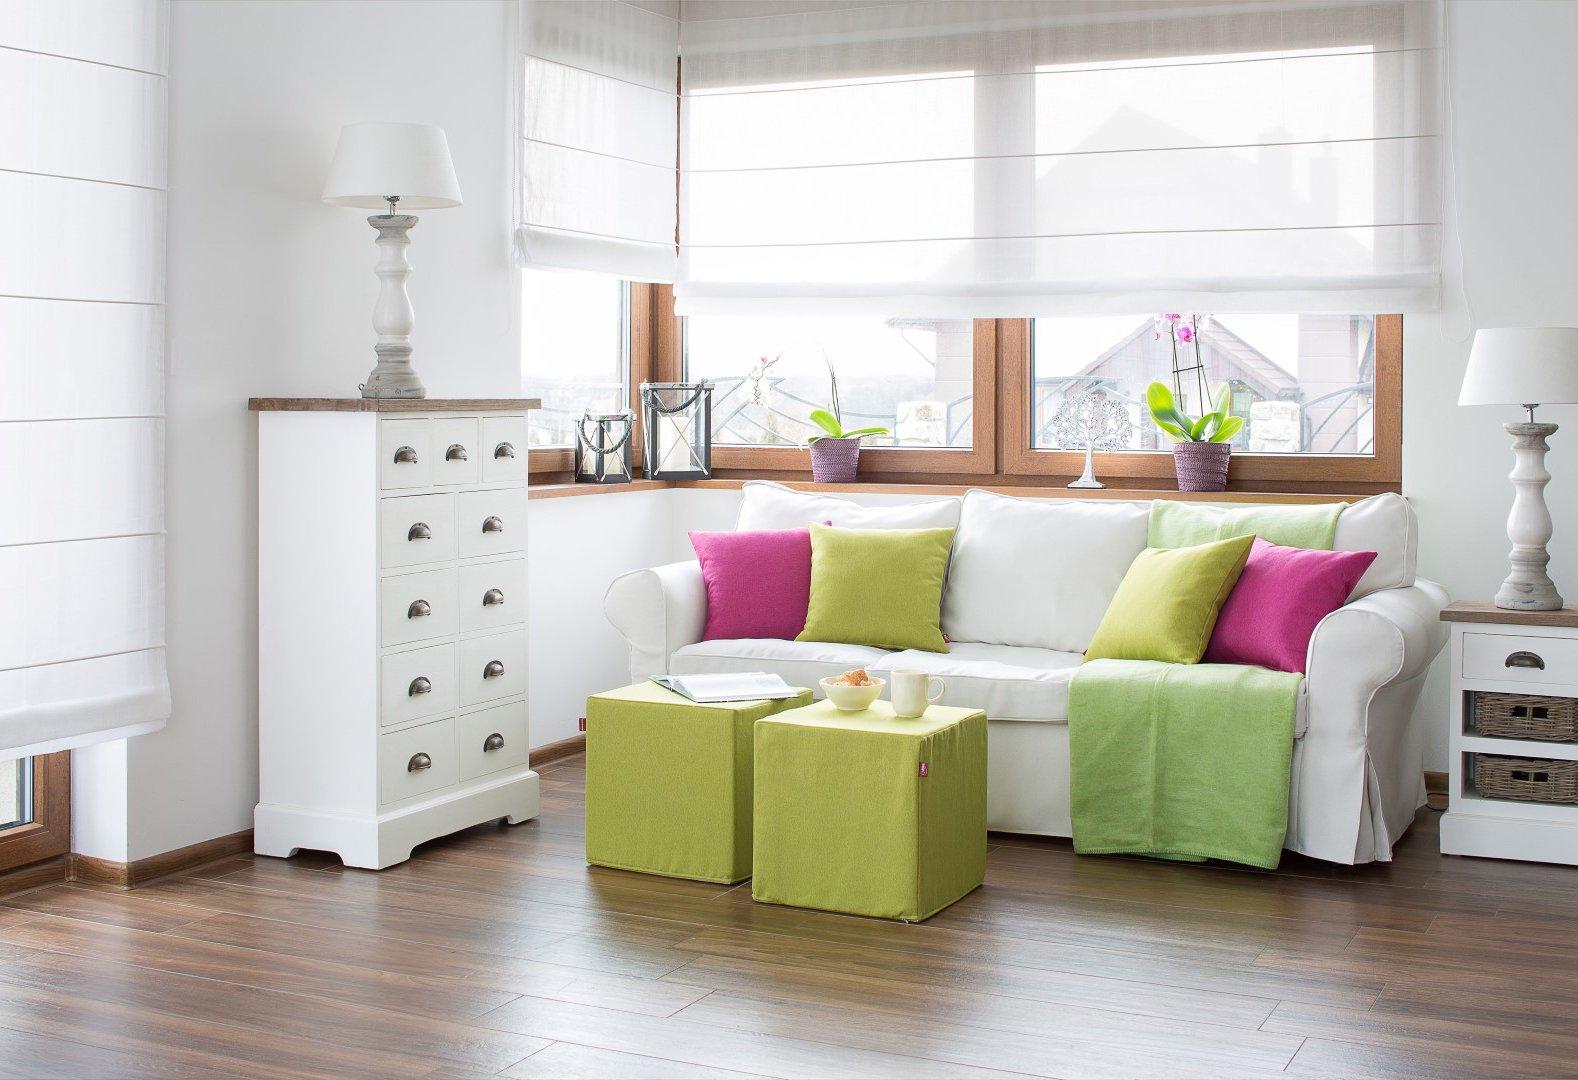 Wohnzimmer- englische Modernität